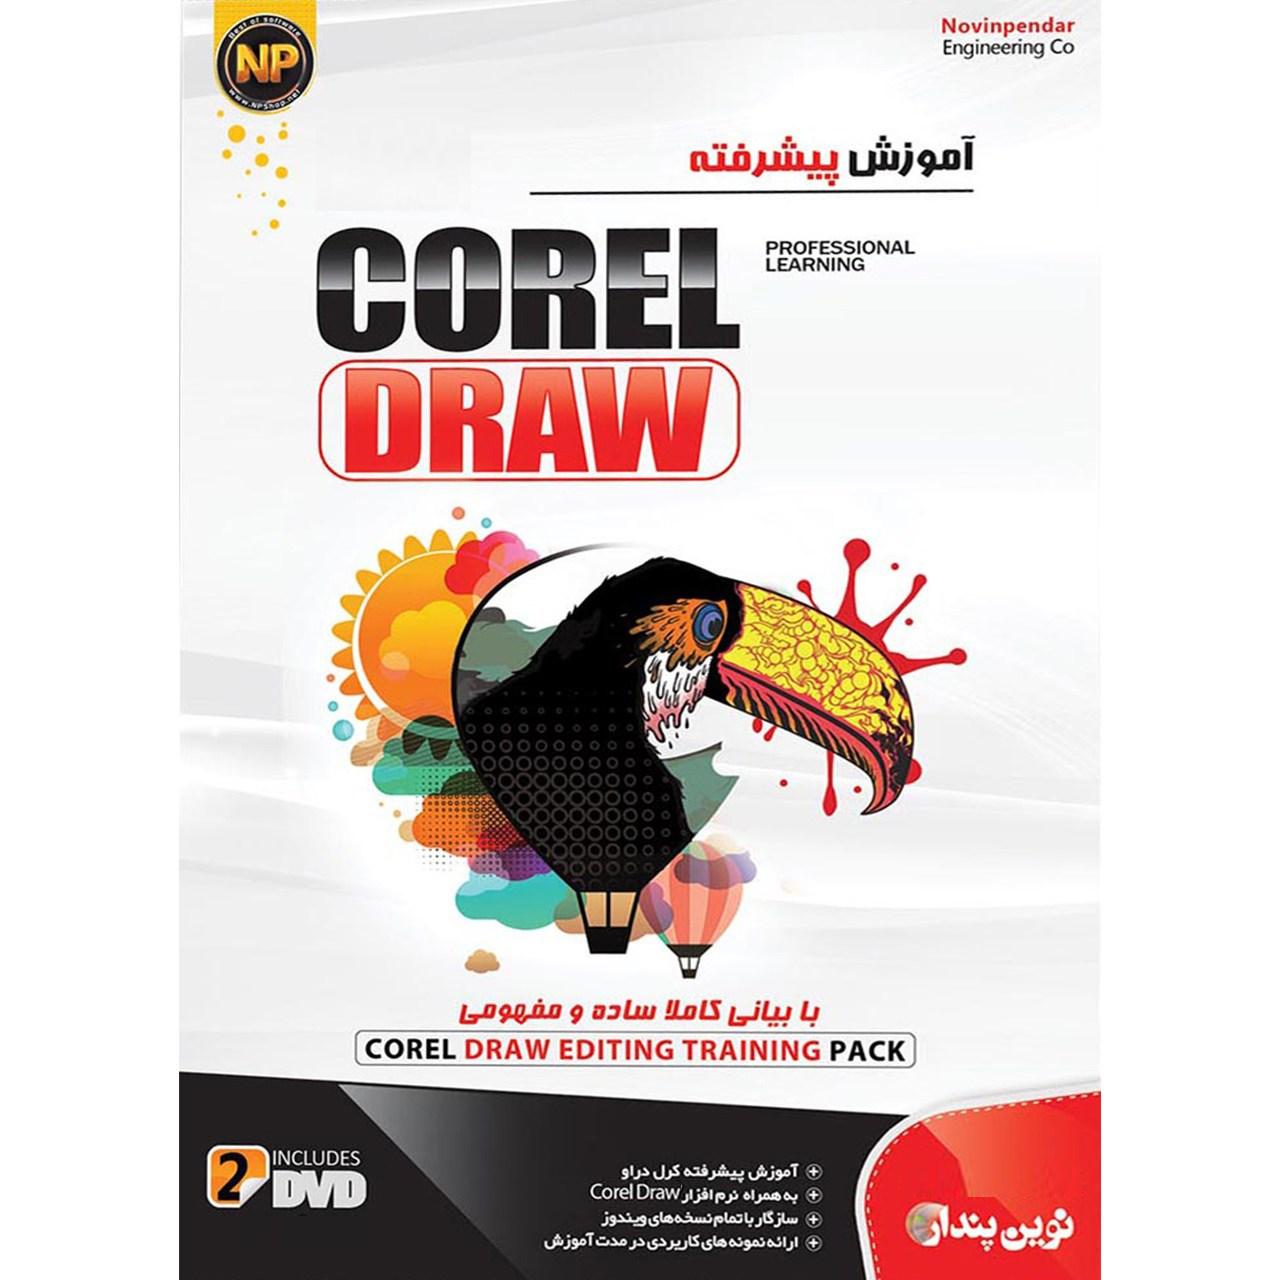 نرم افزار آموزش جامع پیشرفته Corel Draw نشر نوین پندار